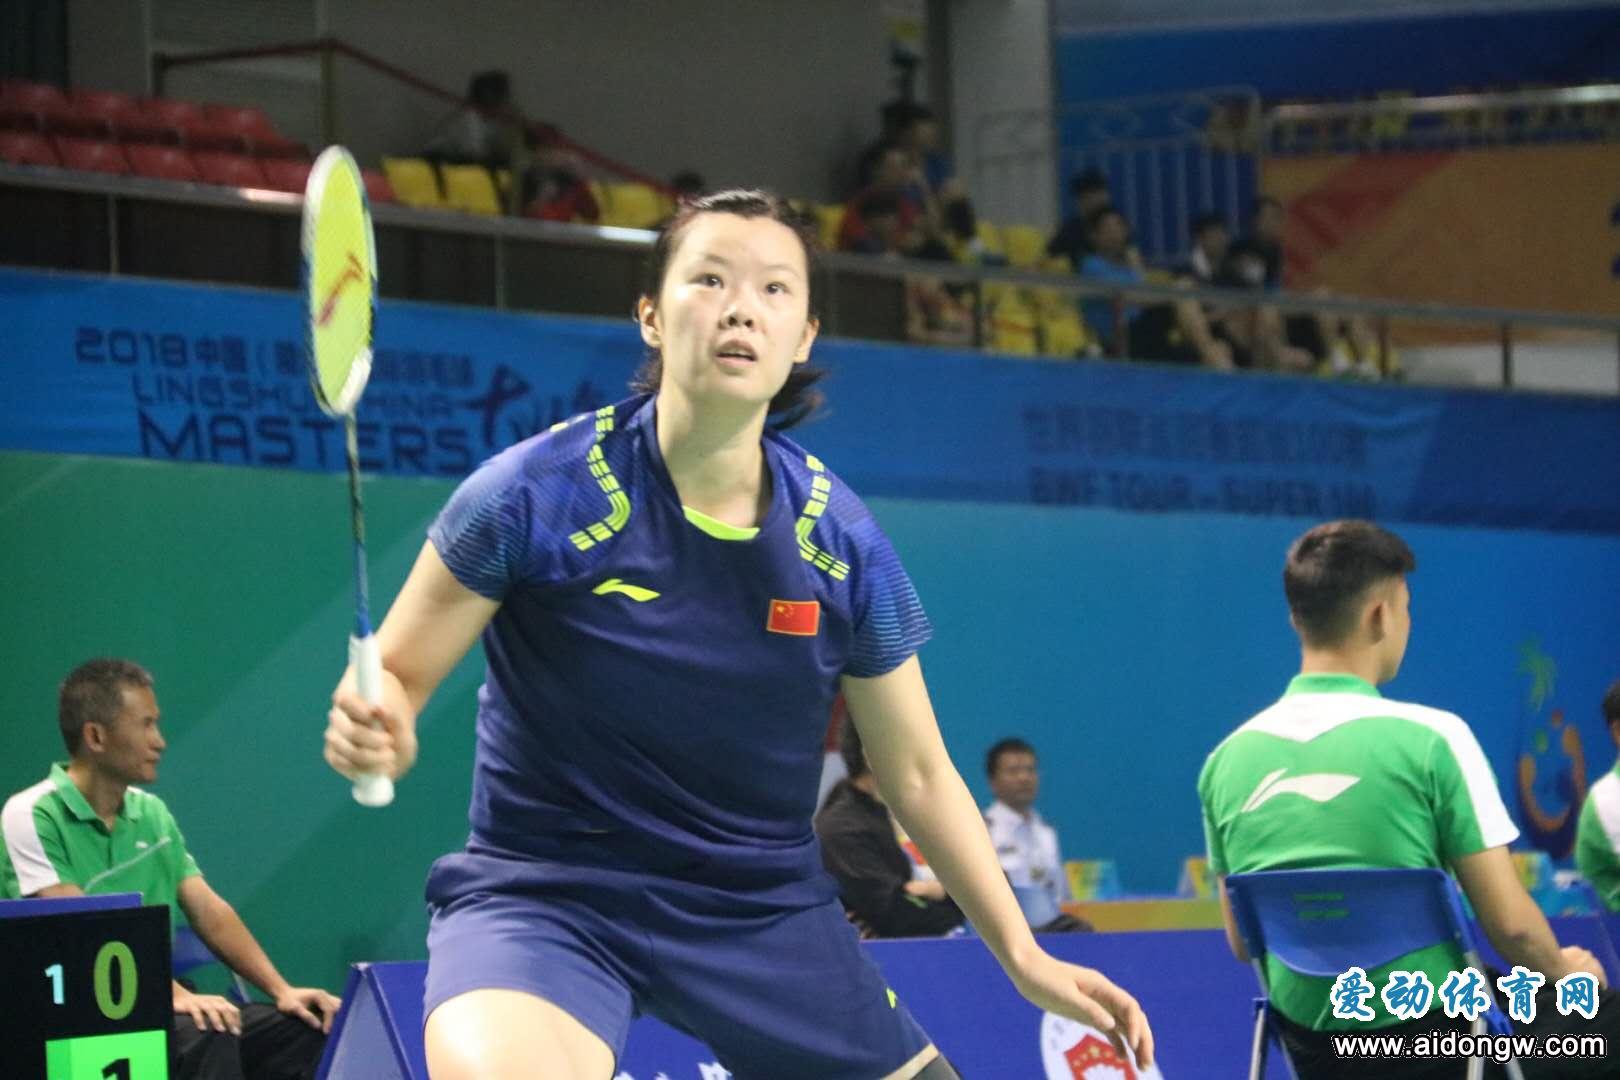 中国(陵水)国际羽毛球大师赛小组赛李雪芮轻松过关 柴飚/王泽康憾负韩国组合